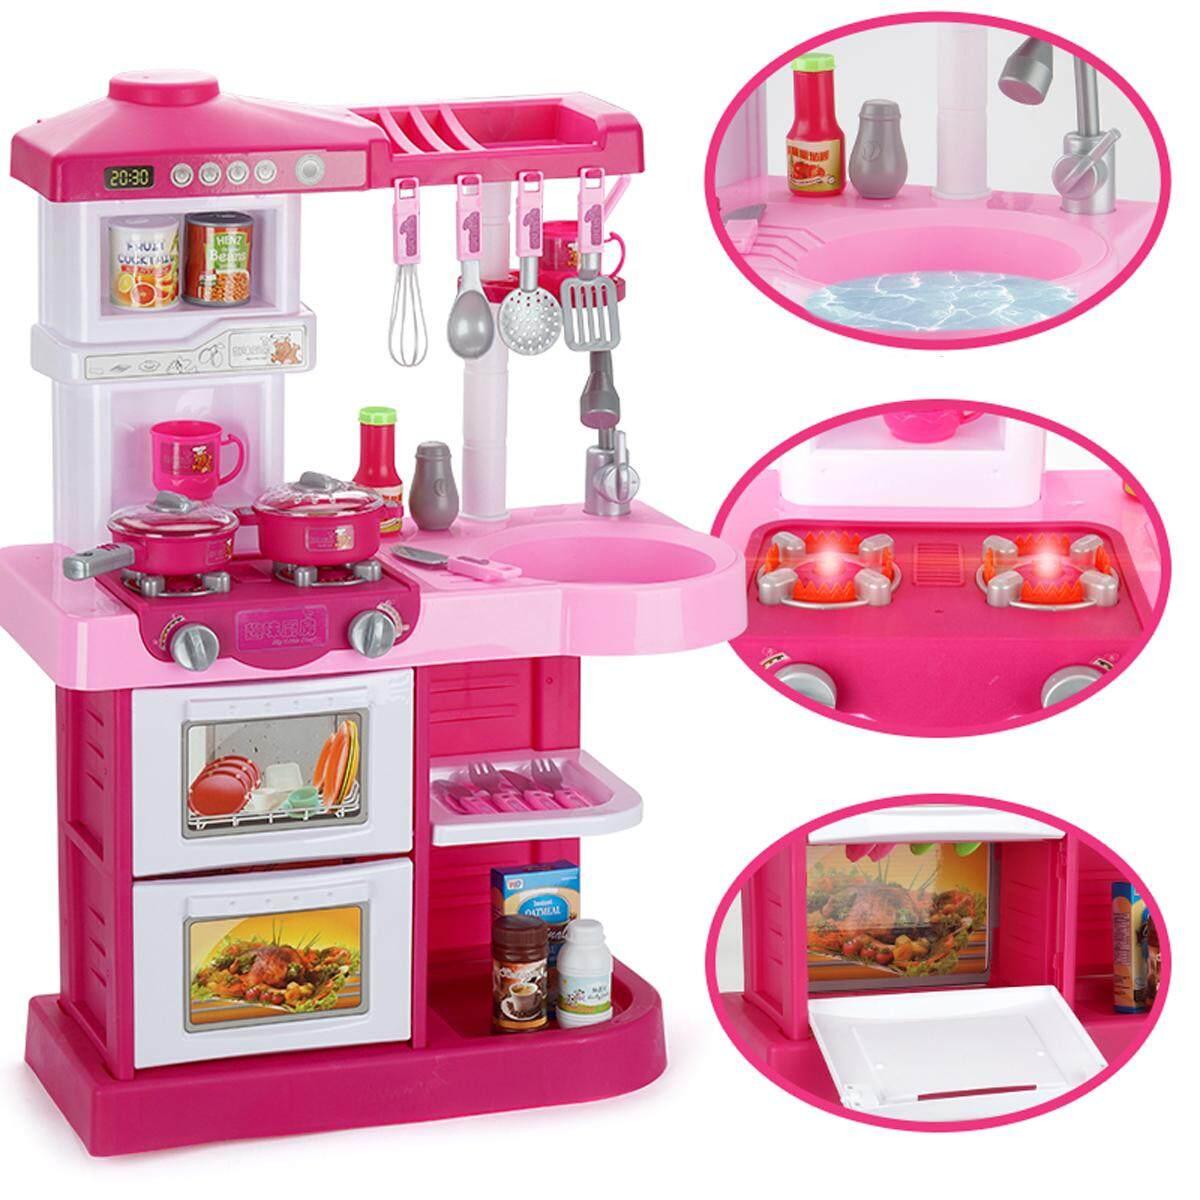 35 Pcs Baru Permainan Peran Dapur untuk Anak Pink Masak Makanan Set Bermain Mainan Anak Perempuan